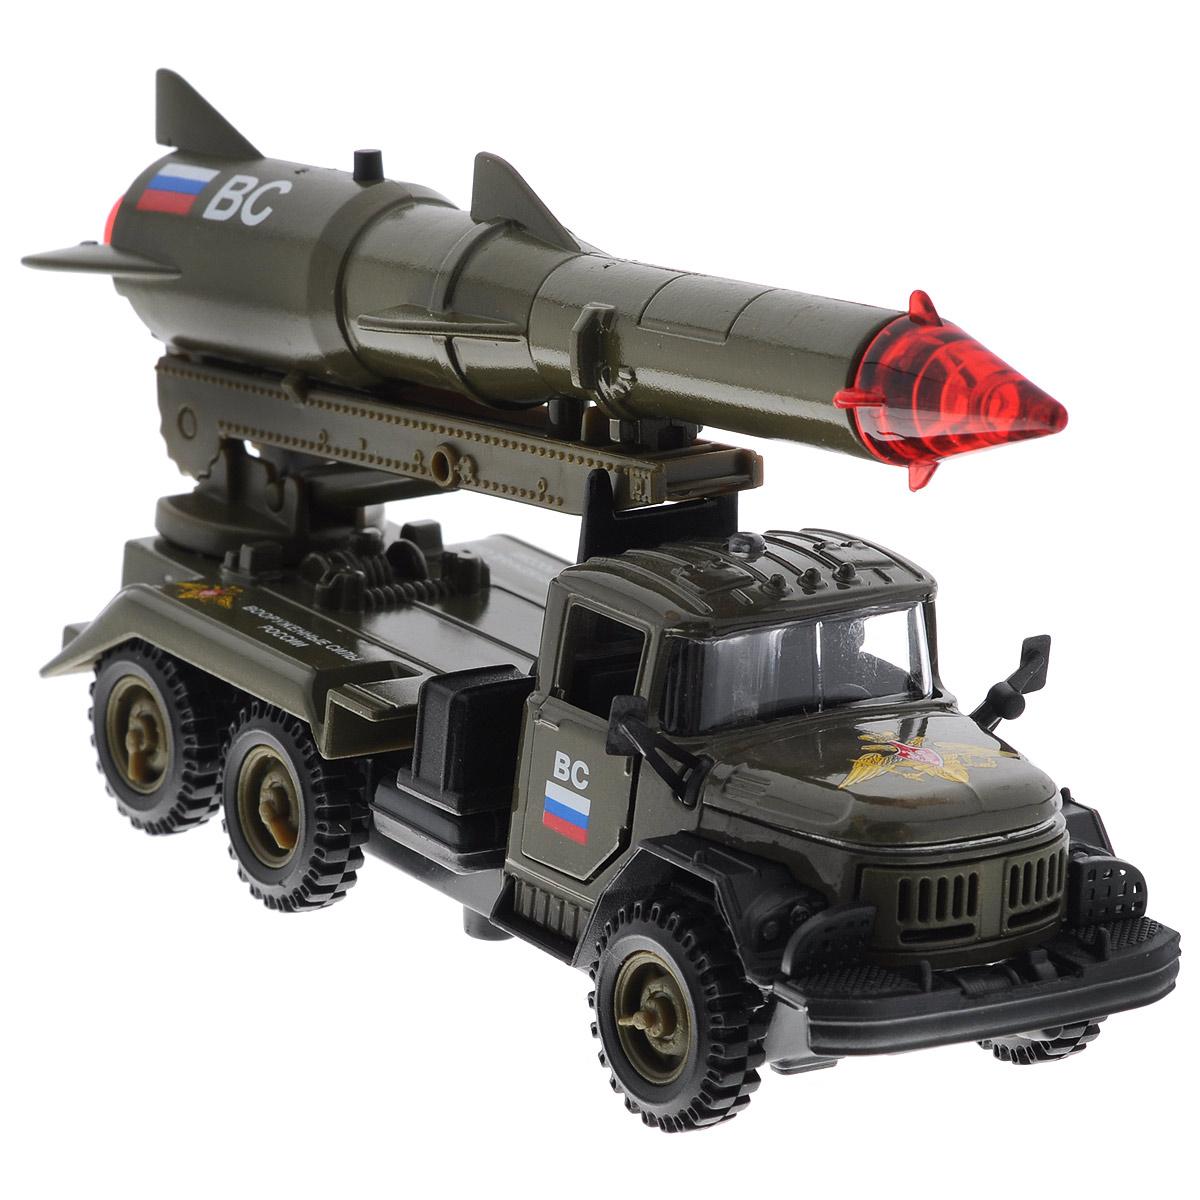 ТехноПарк Машинка инерционная ЗИЛ 131 с ракетой цвет темно-зеленыйCT10-001-R-2Инерционная машинка ТехноПарк ЗИЛ 131 с ракетой, выполненная из пластика и металла, станет любимой игрушкой вашего малыша. Игрушка представляет собой модель военного автомобиля ЗИЛ 131, оснащенную подвижной пусковой установкой с ракетой. Дверцы кабины и капот открываются. При нажатии кнопки на ракете боеголовка начинает мигать, при этом слышны звуки стрельбы и команды военных. Игрушка оснащена инерционным ходом. Машинку необходимо отвести назад, затем отпустить - и она быстро поедет вперед. Прорезиненные колеса обеспечивают надежное сцепление с любой гладкой поверхностью. Ваш ребенок будет часами играть с этой машинкой, придумывая различные истории. Порадуйте его таким замечательным подарком! Машинка работает от батареек (товар комплектуется демонстрационными).